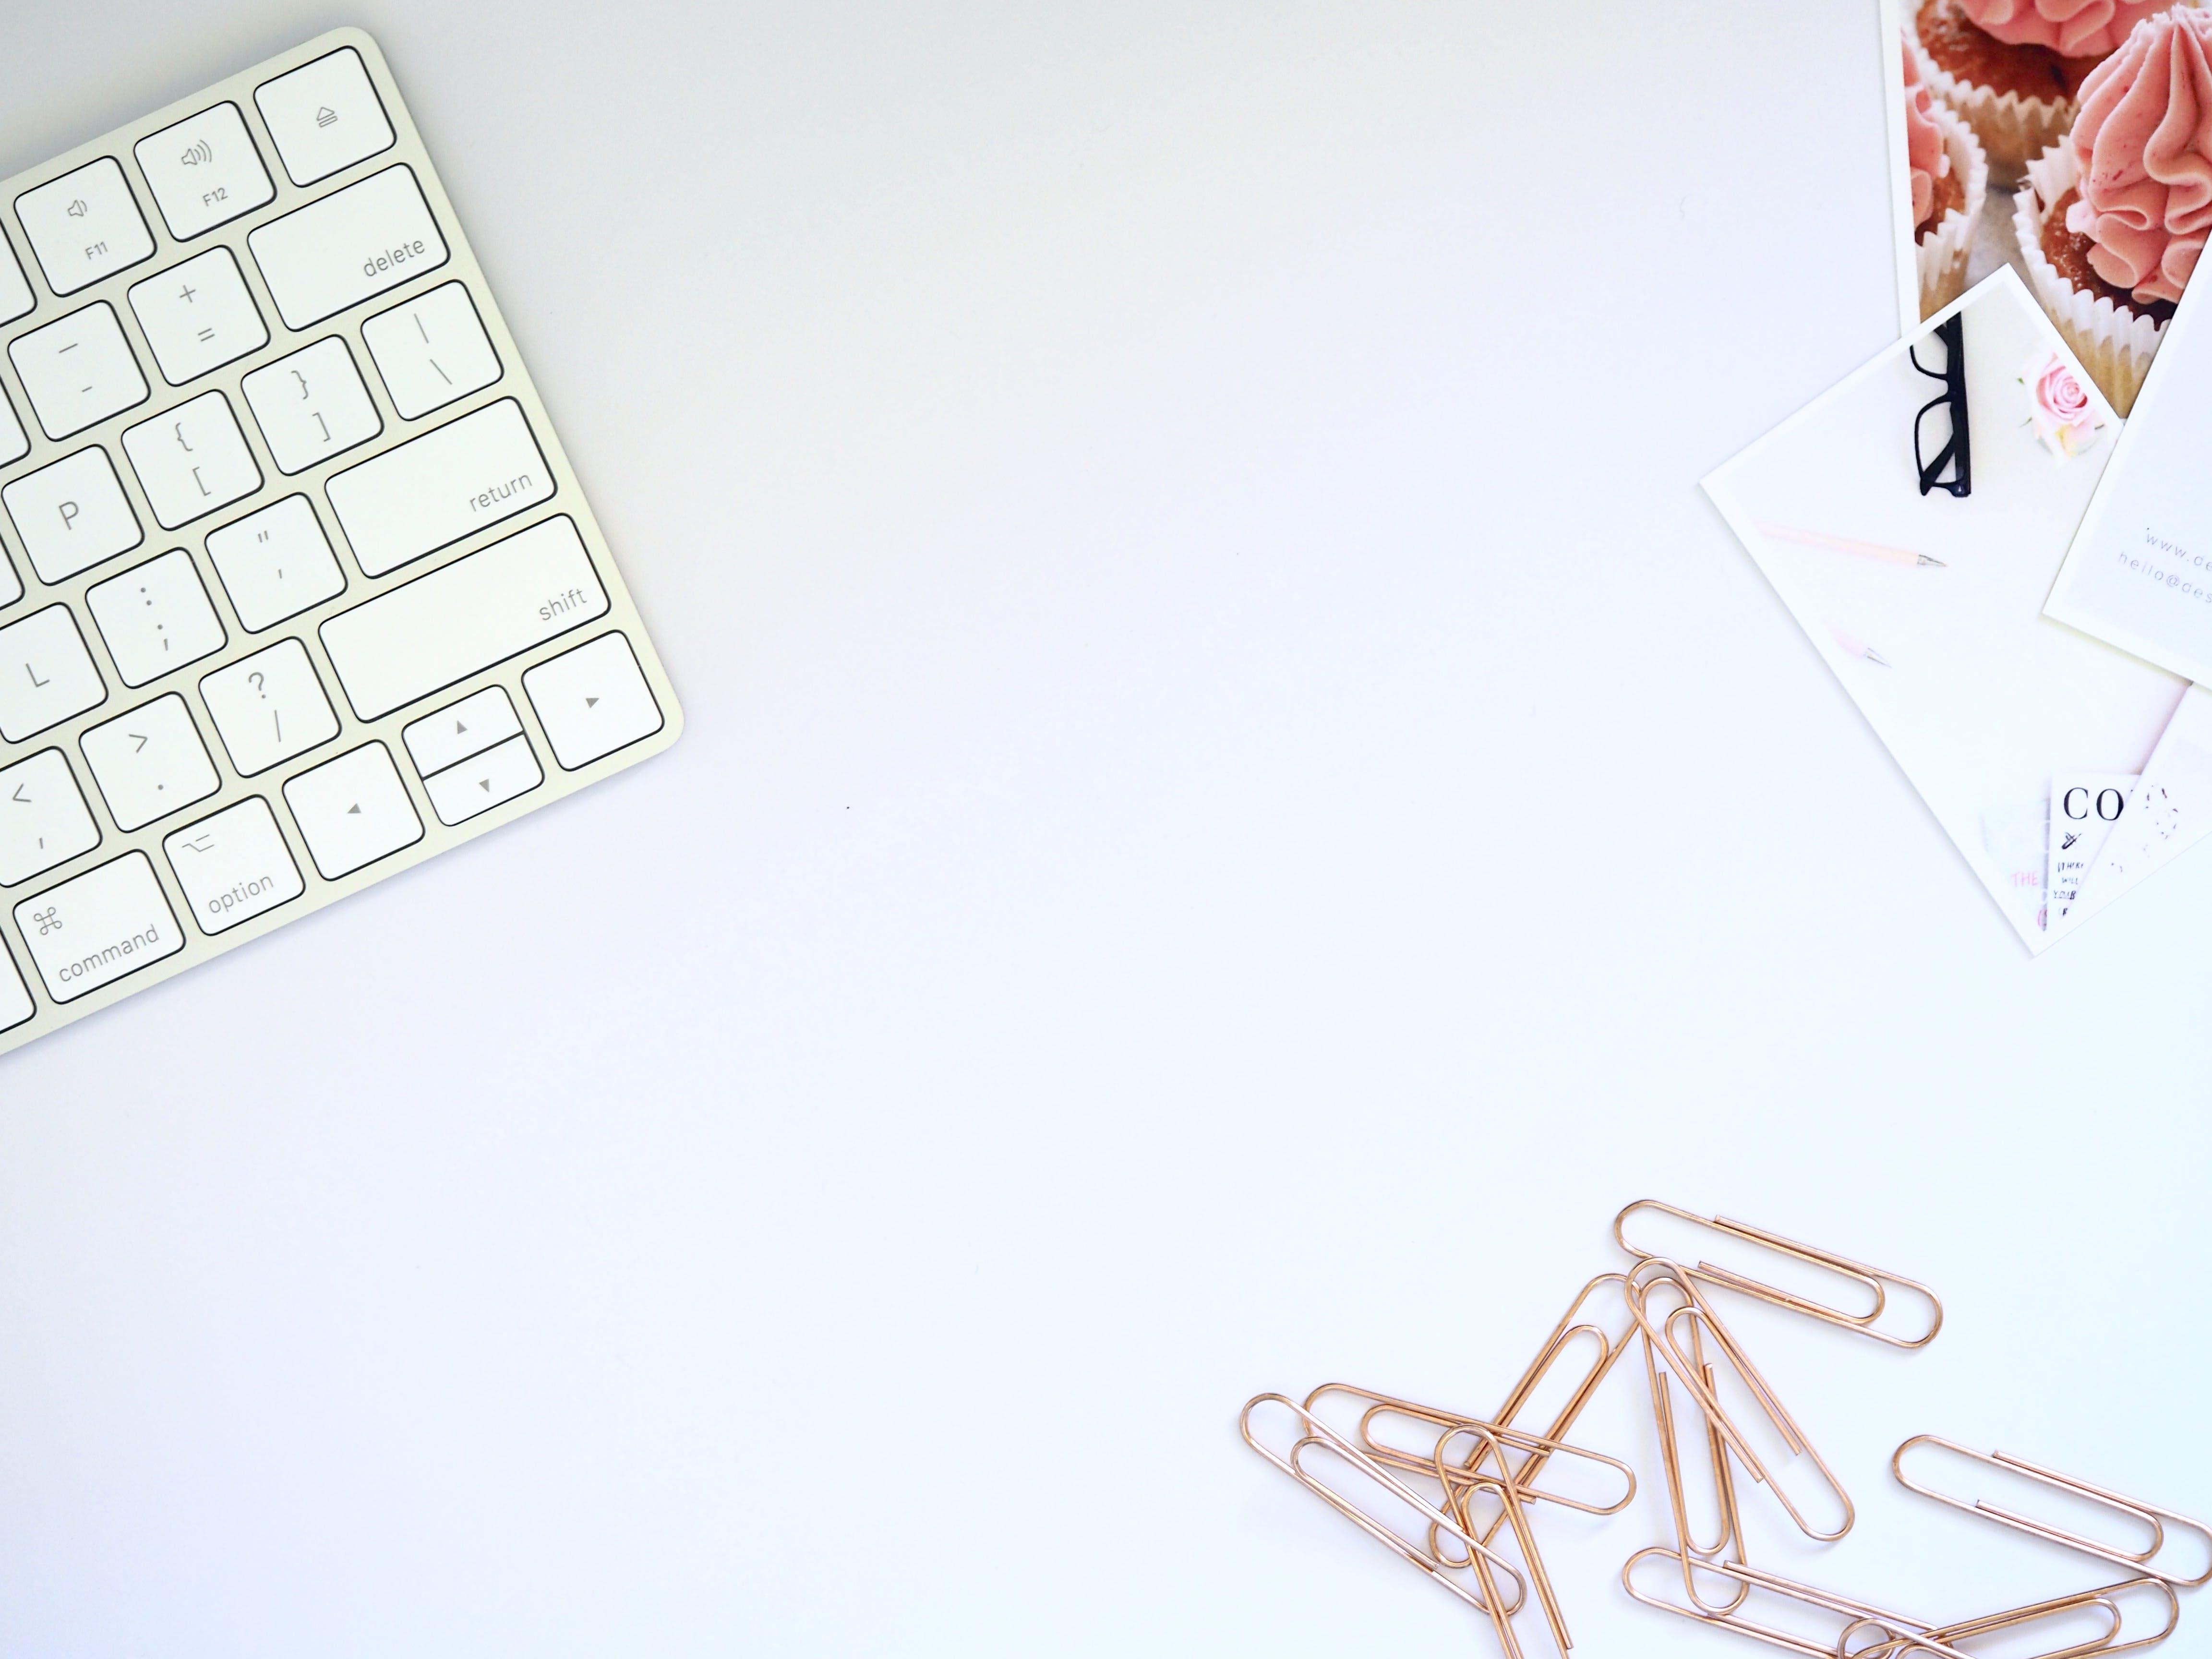 Kostenloses Stock Foto zu arbeitsbereich, arbeitsplatz, desktop hintergrundbilder, desktop-hintergrund